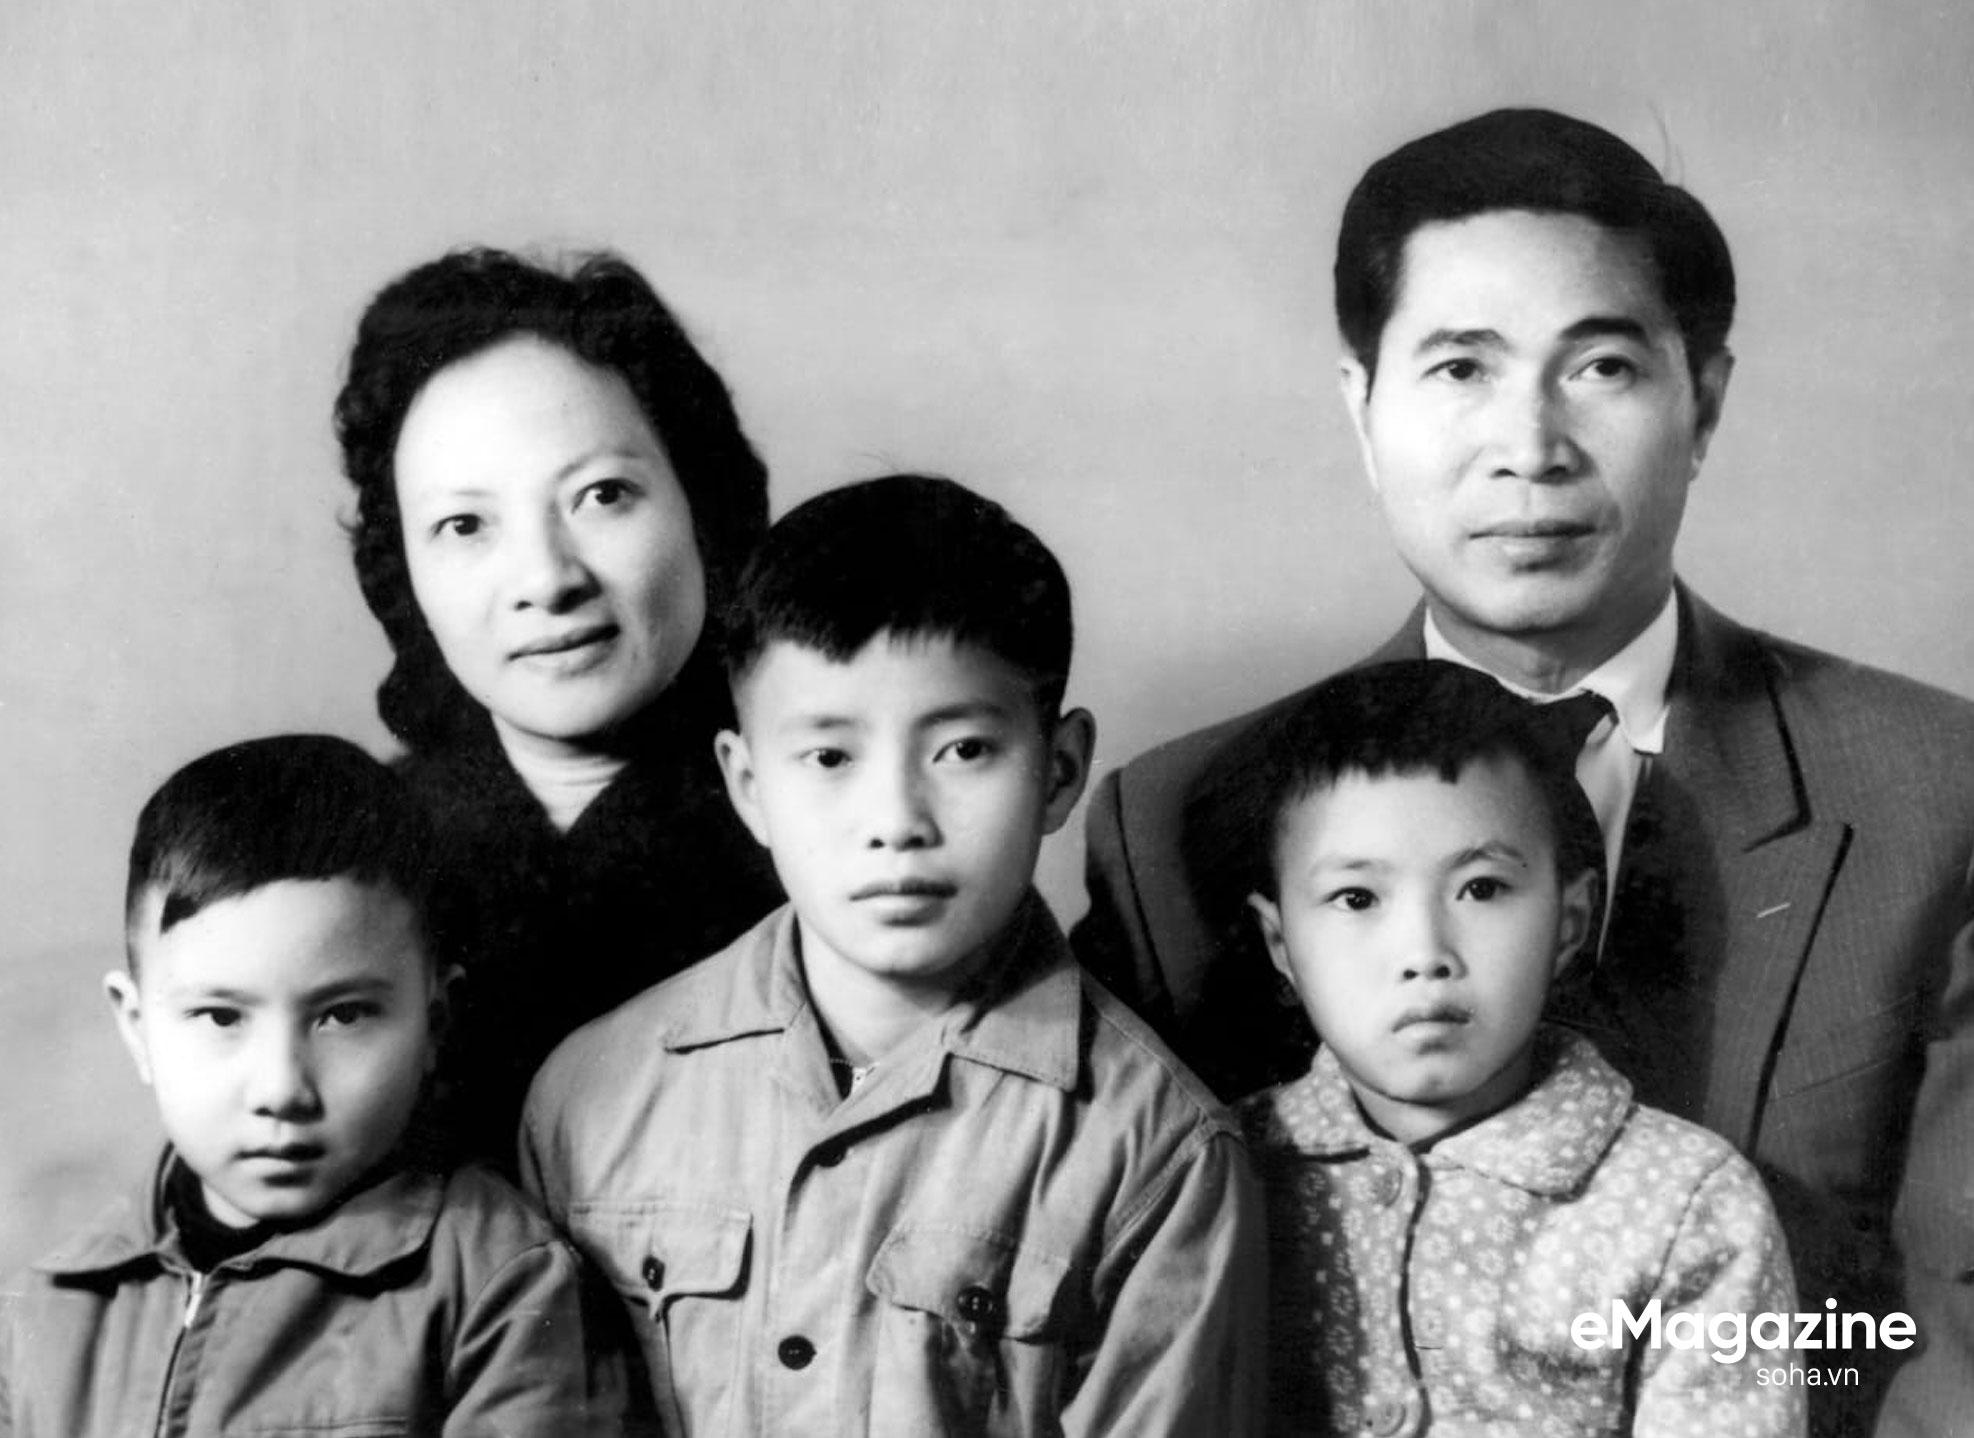 Bộ Âu phục đi mượn của ông Nguyễn Cơ Thạch và cuộc phỏng vấn sau màn thoát hiểm trước đạn pháo Trung Quốc - Ảnh 18.